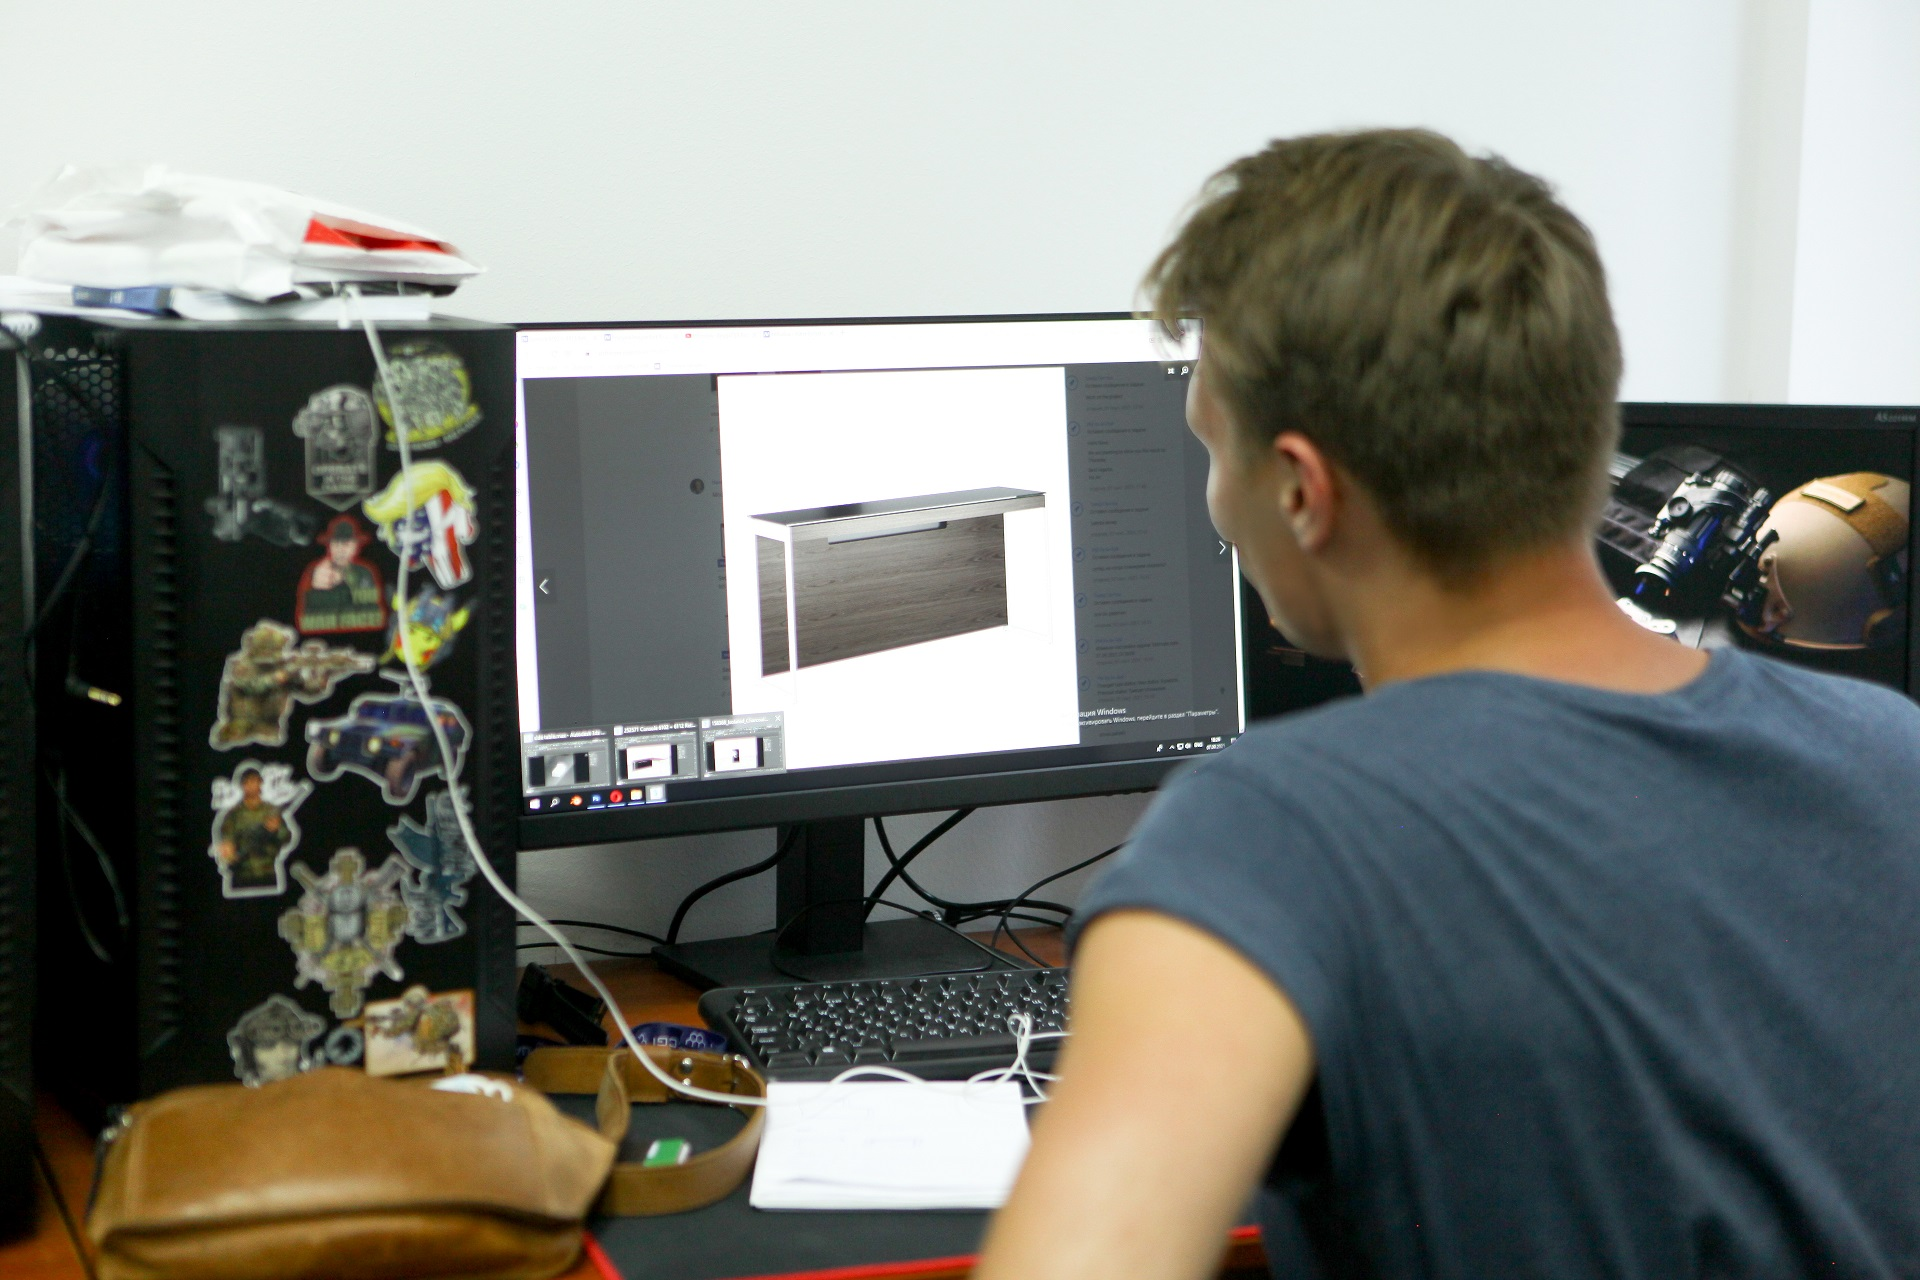 Начинающий 3D художник выбирает специализацию